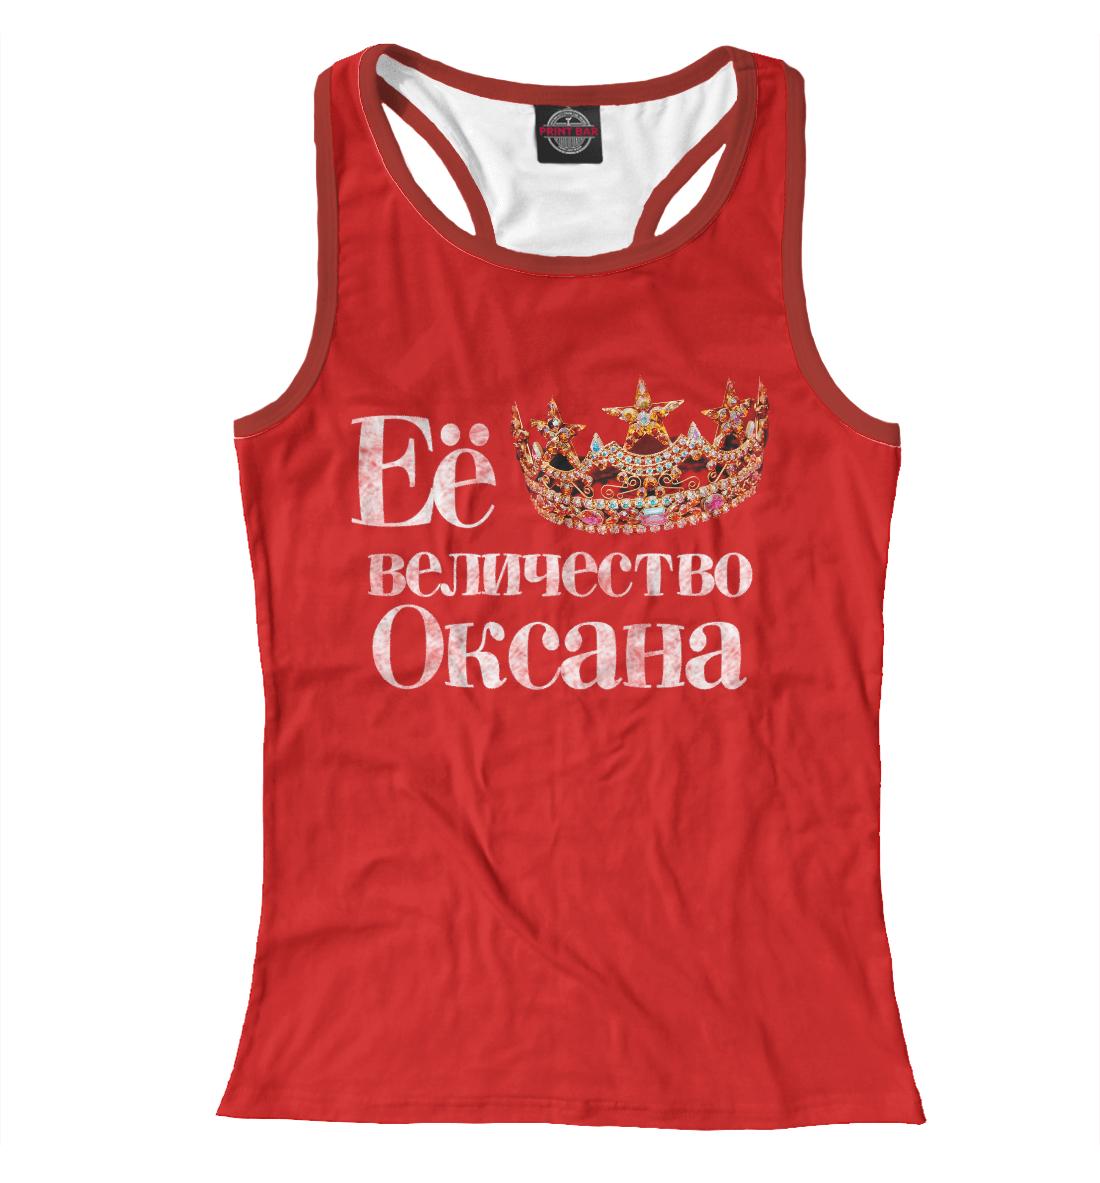 Купить Её величество Оксана, Printbar, Майки борцовки, KSN-904692-mayb-1